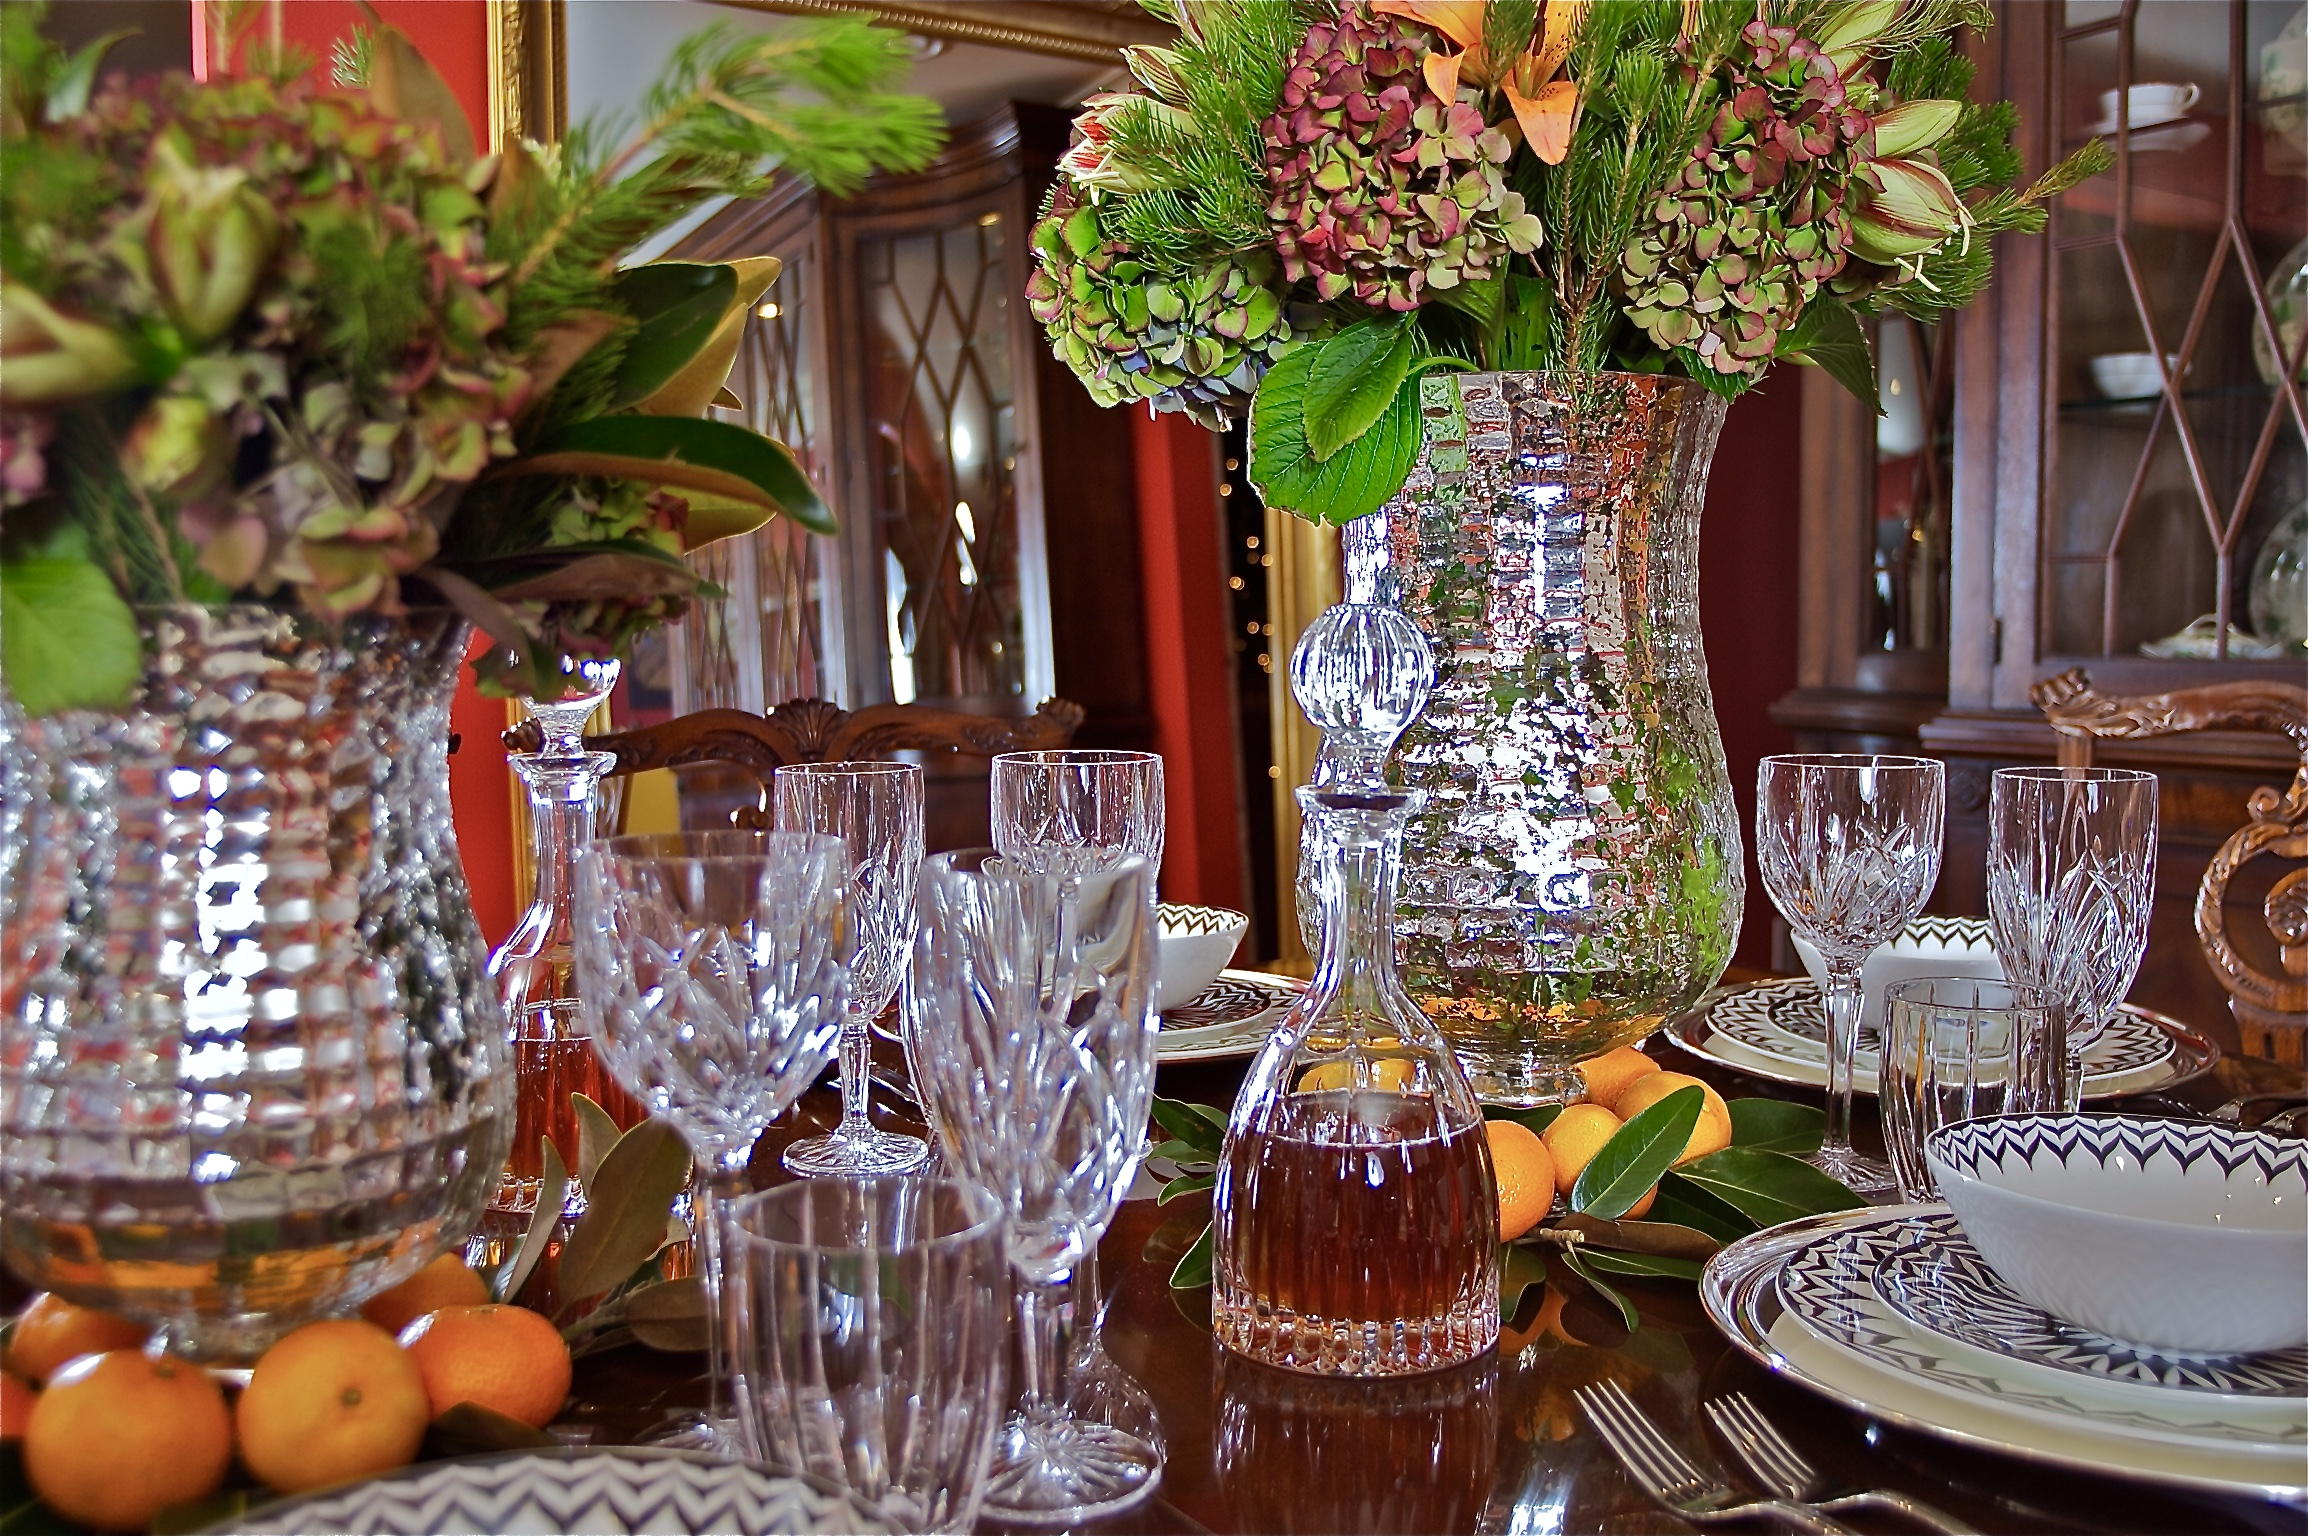 _Dining Room_Vignette Details_DSC_4316_5